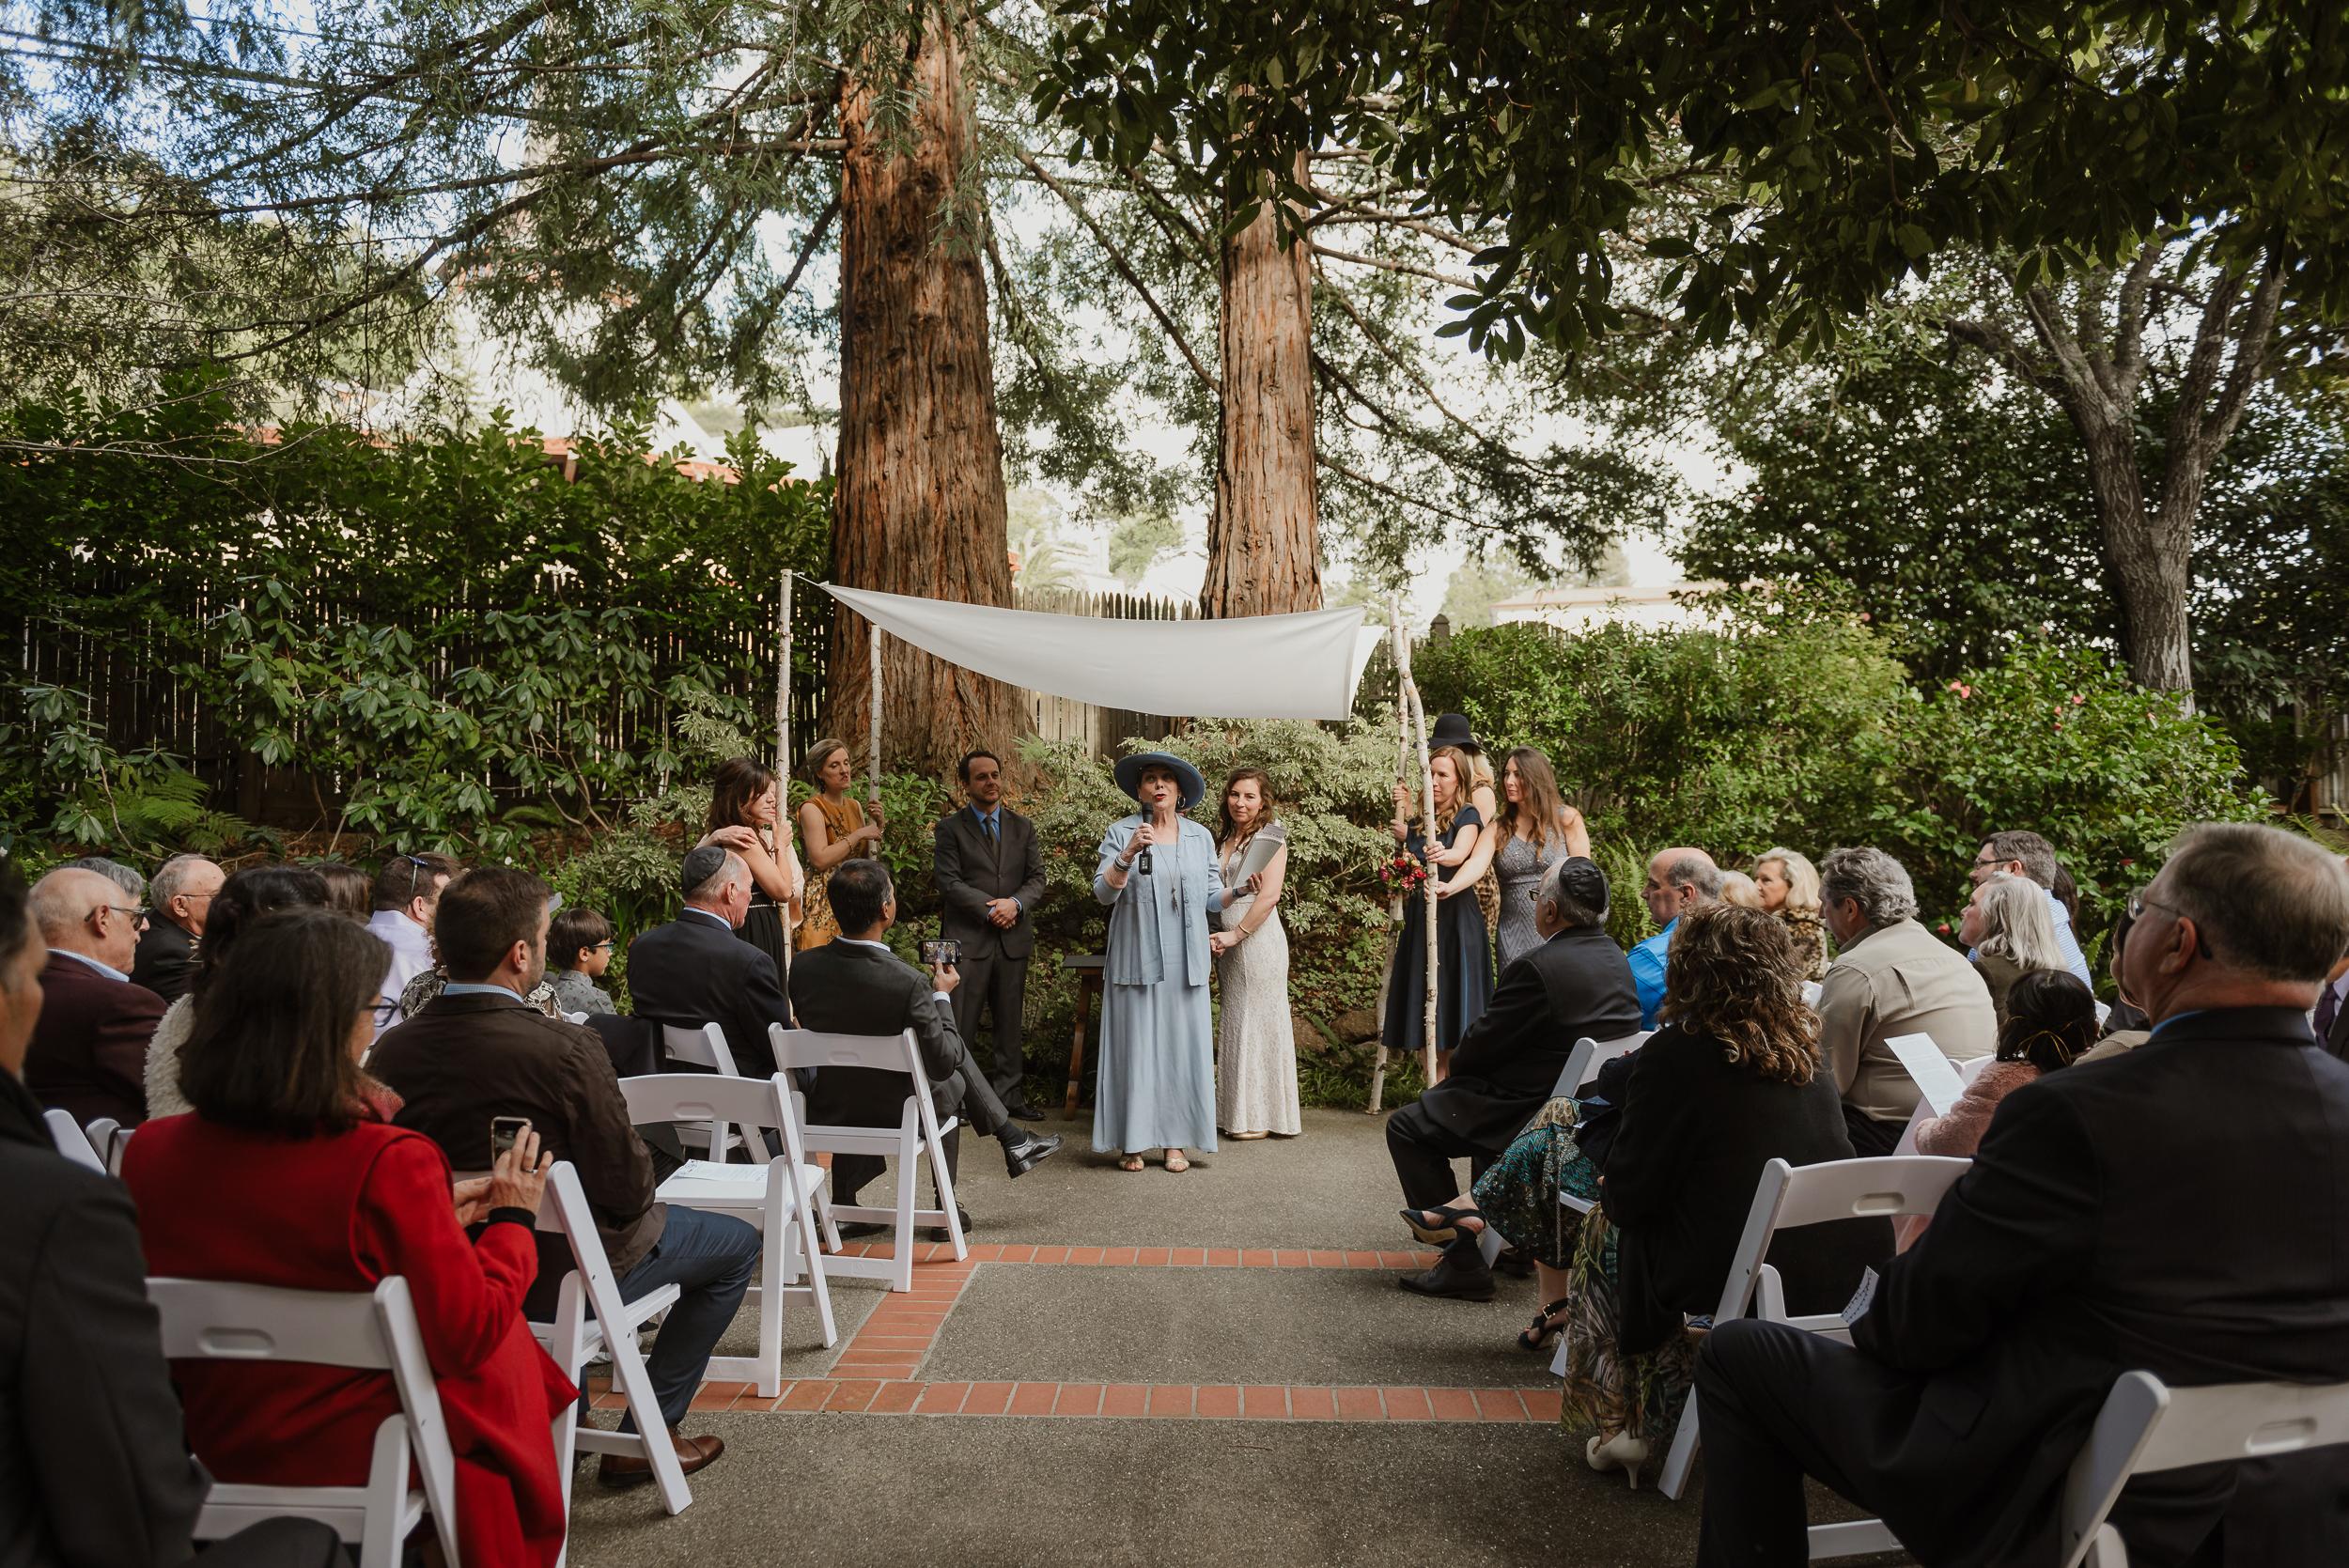 035winter-mill-valley-wedding-outdoor-art-club-wedding-vivianchen-181.jpg